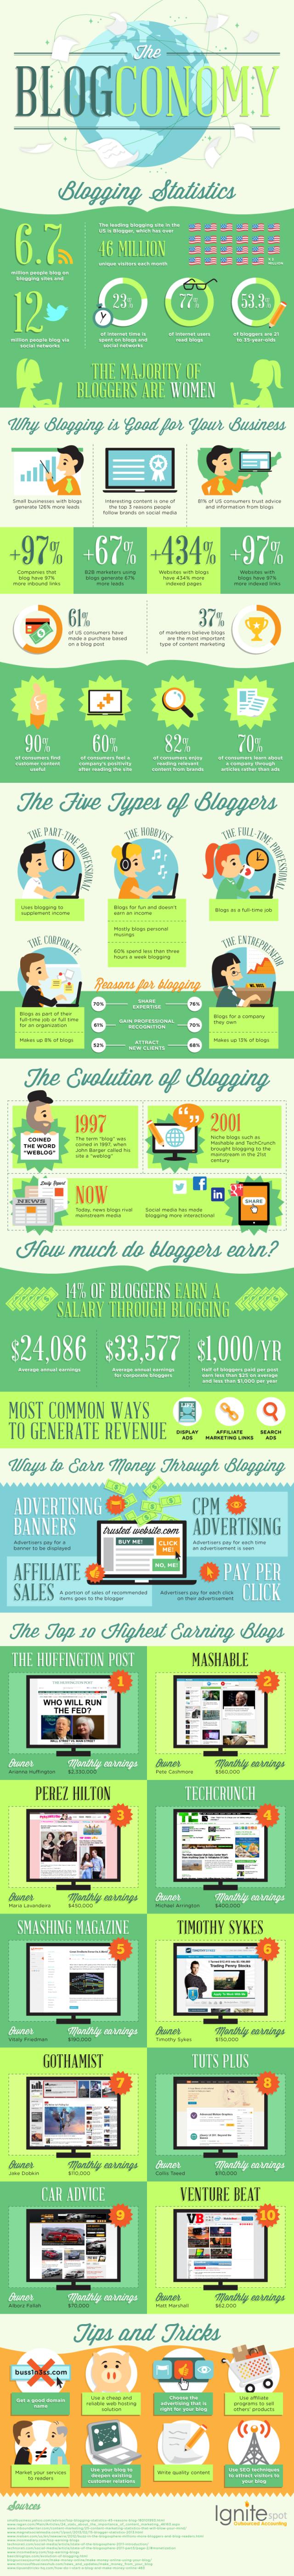 highest-earning-blogs